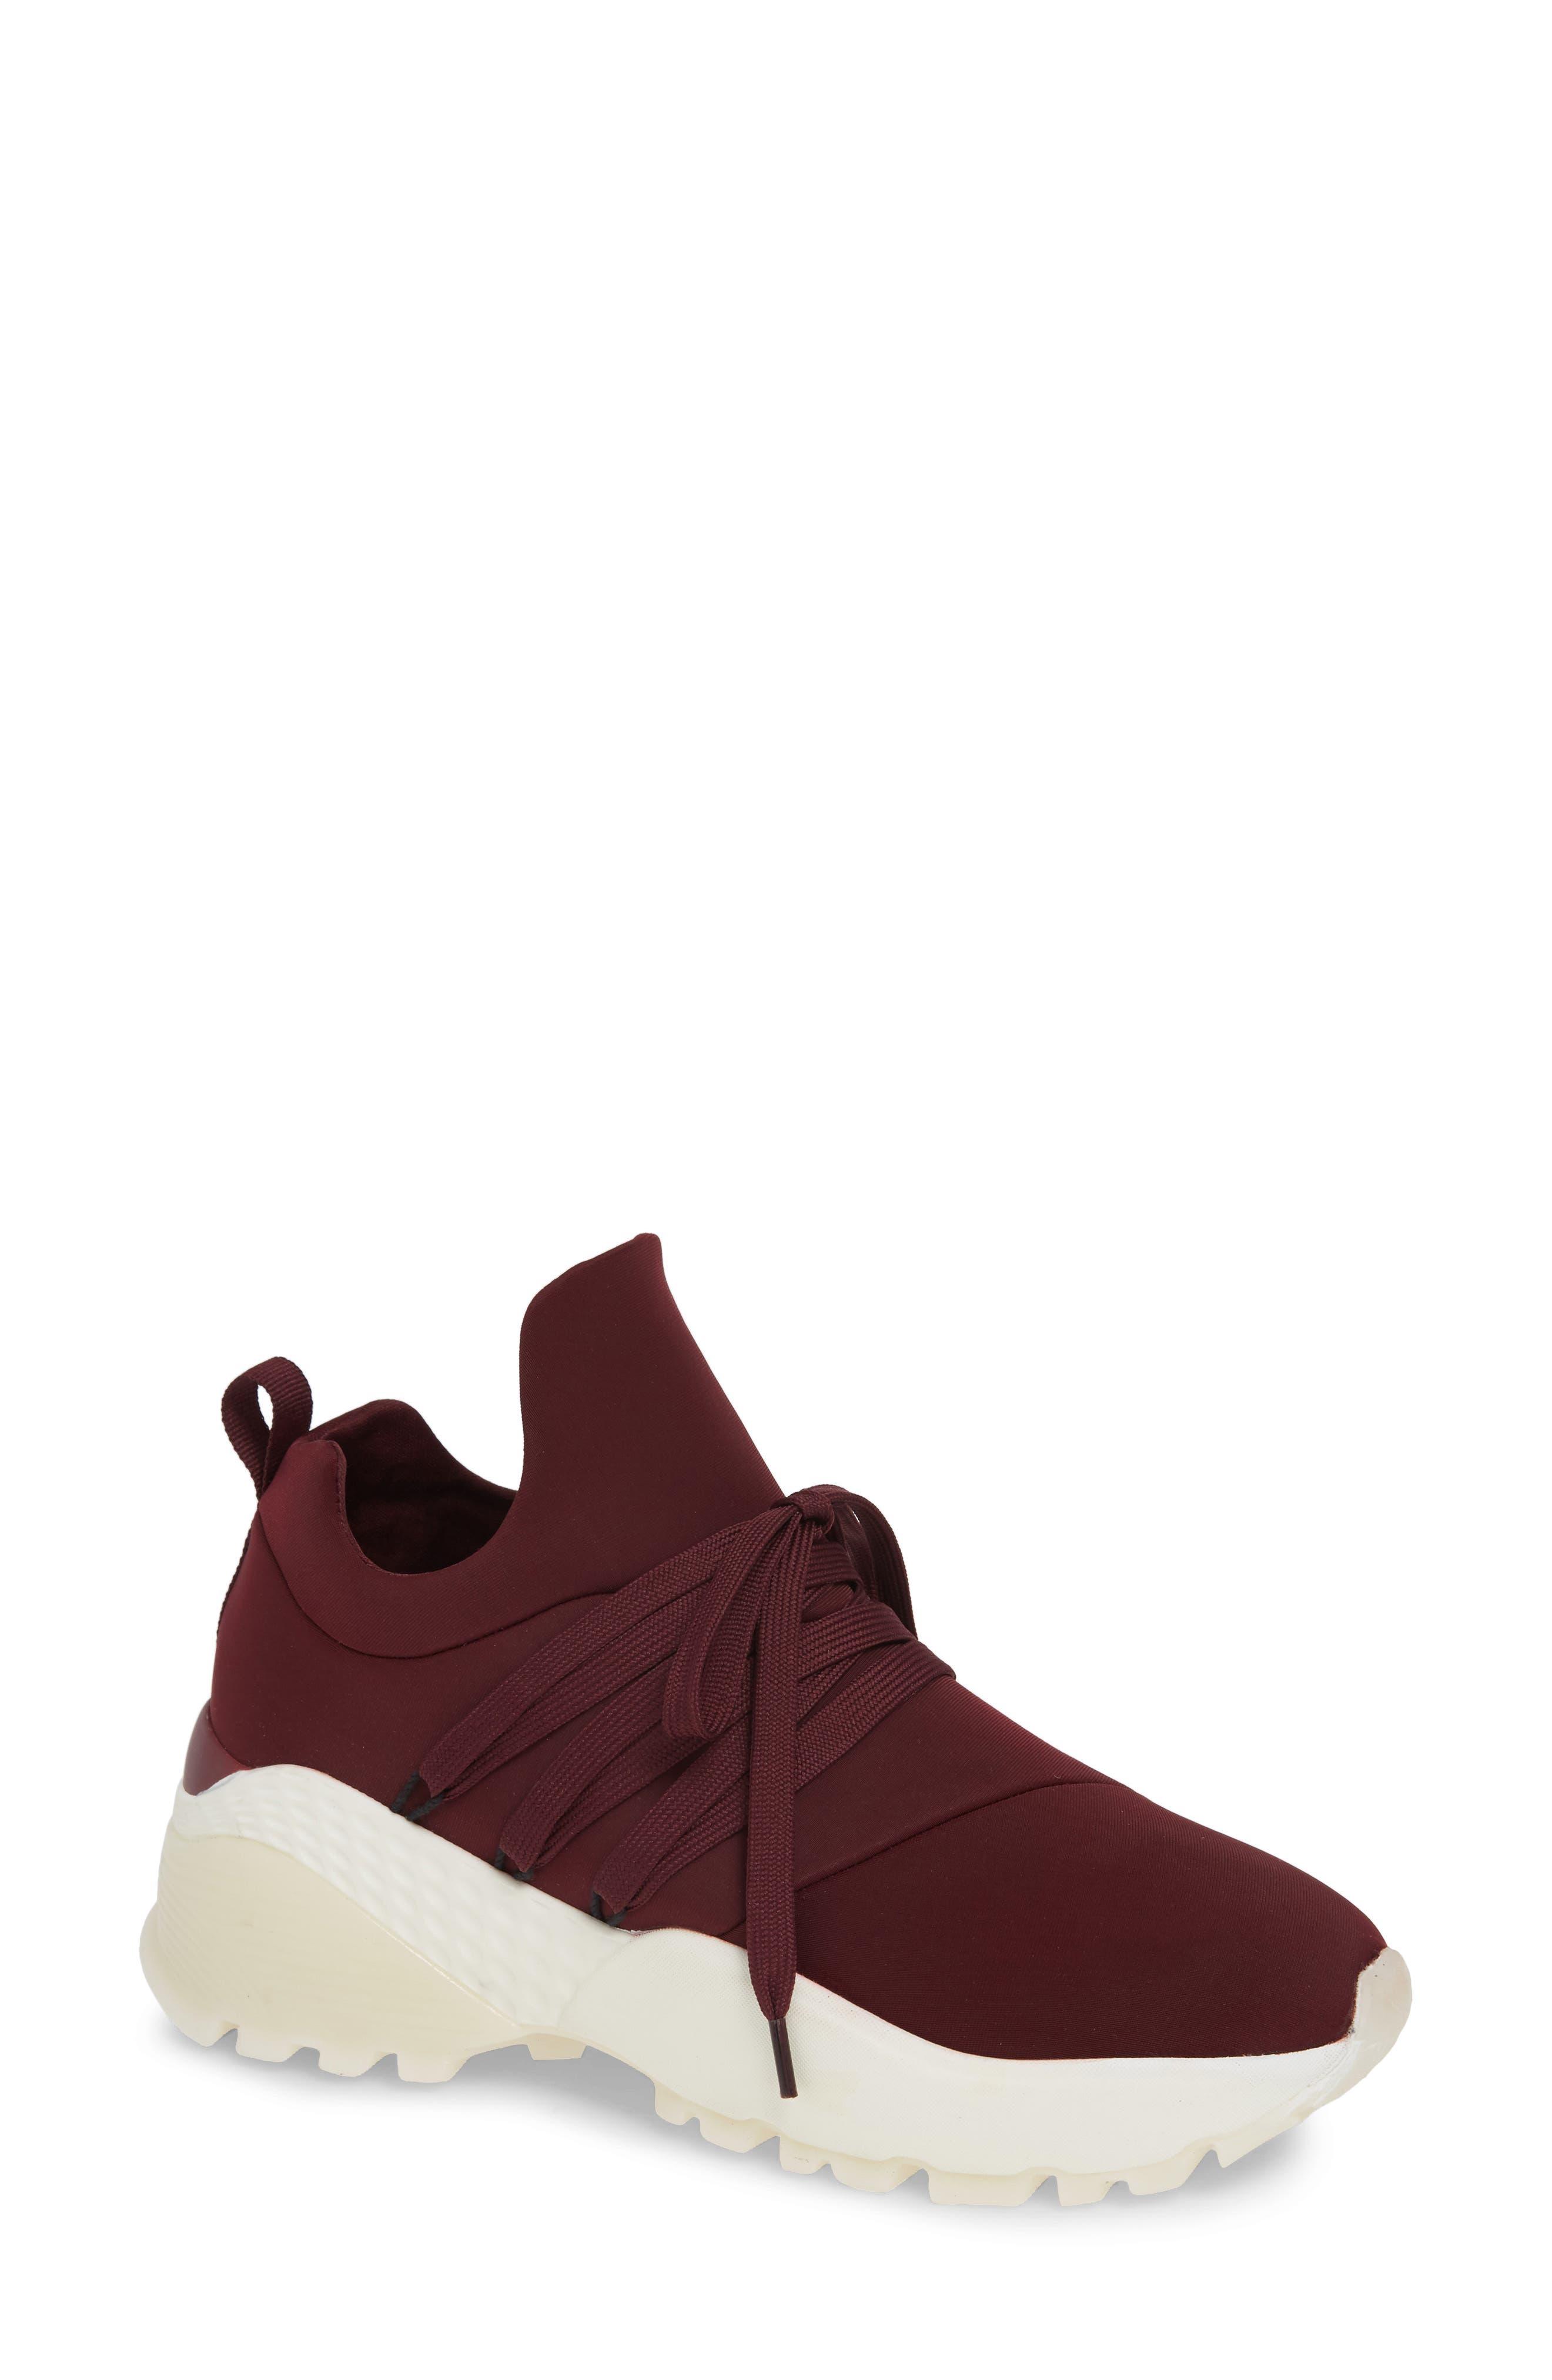 Jslides Morrow Slip-On Sneaker, Burgundy